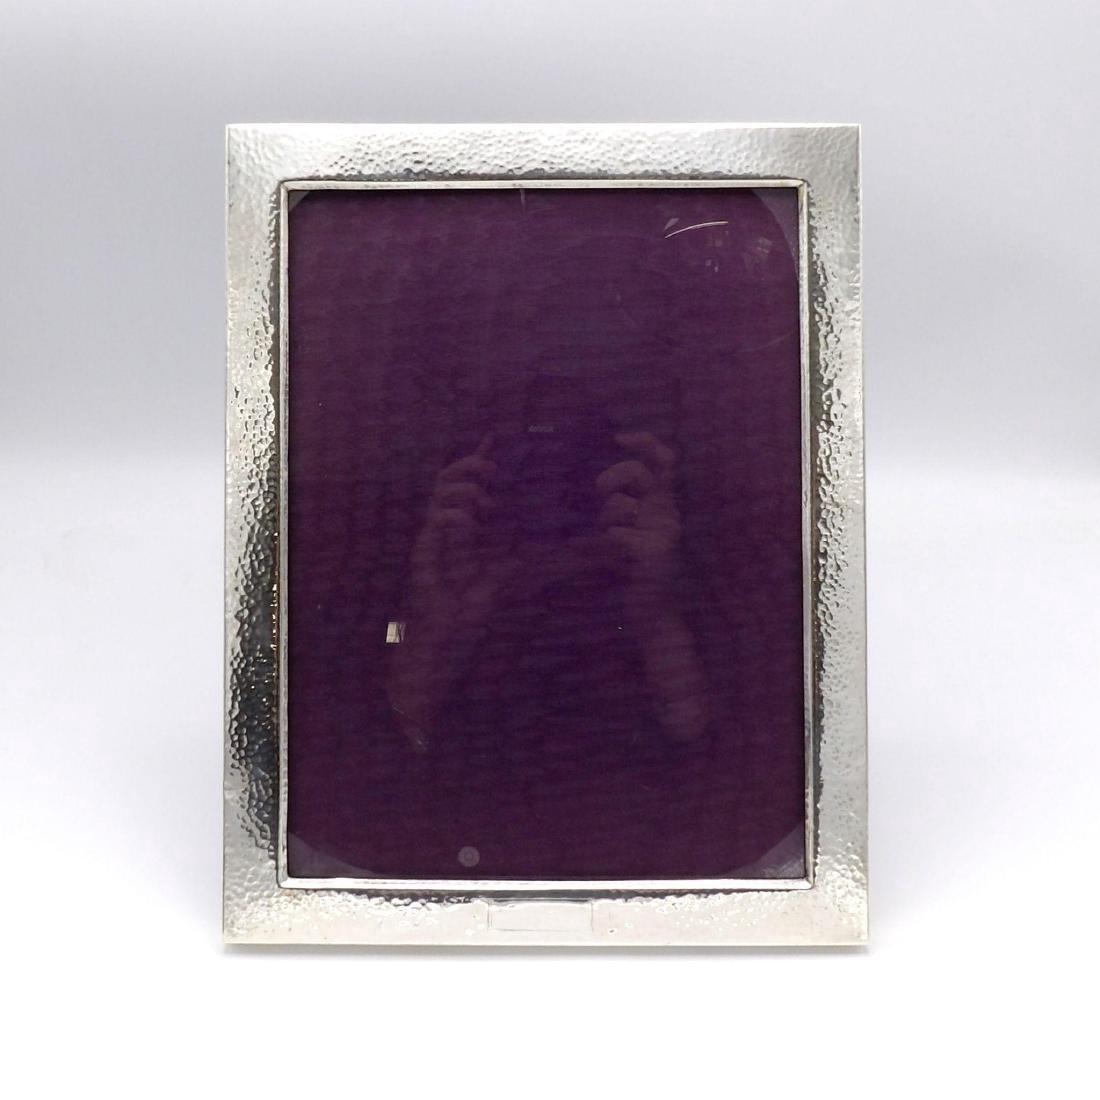 Vintage Arts & Crafts Hammered Sterling Silver Frame - 2